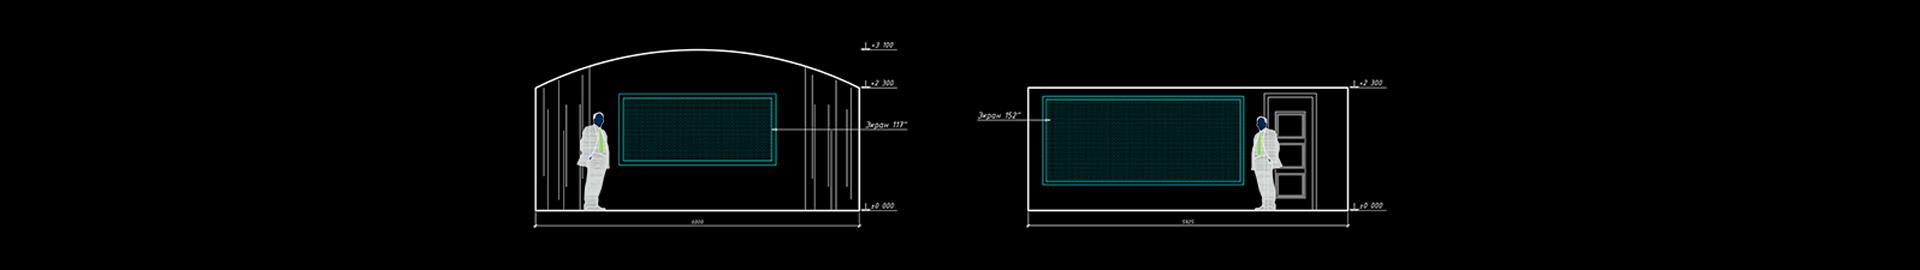 Сравнение диагоналей экрана